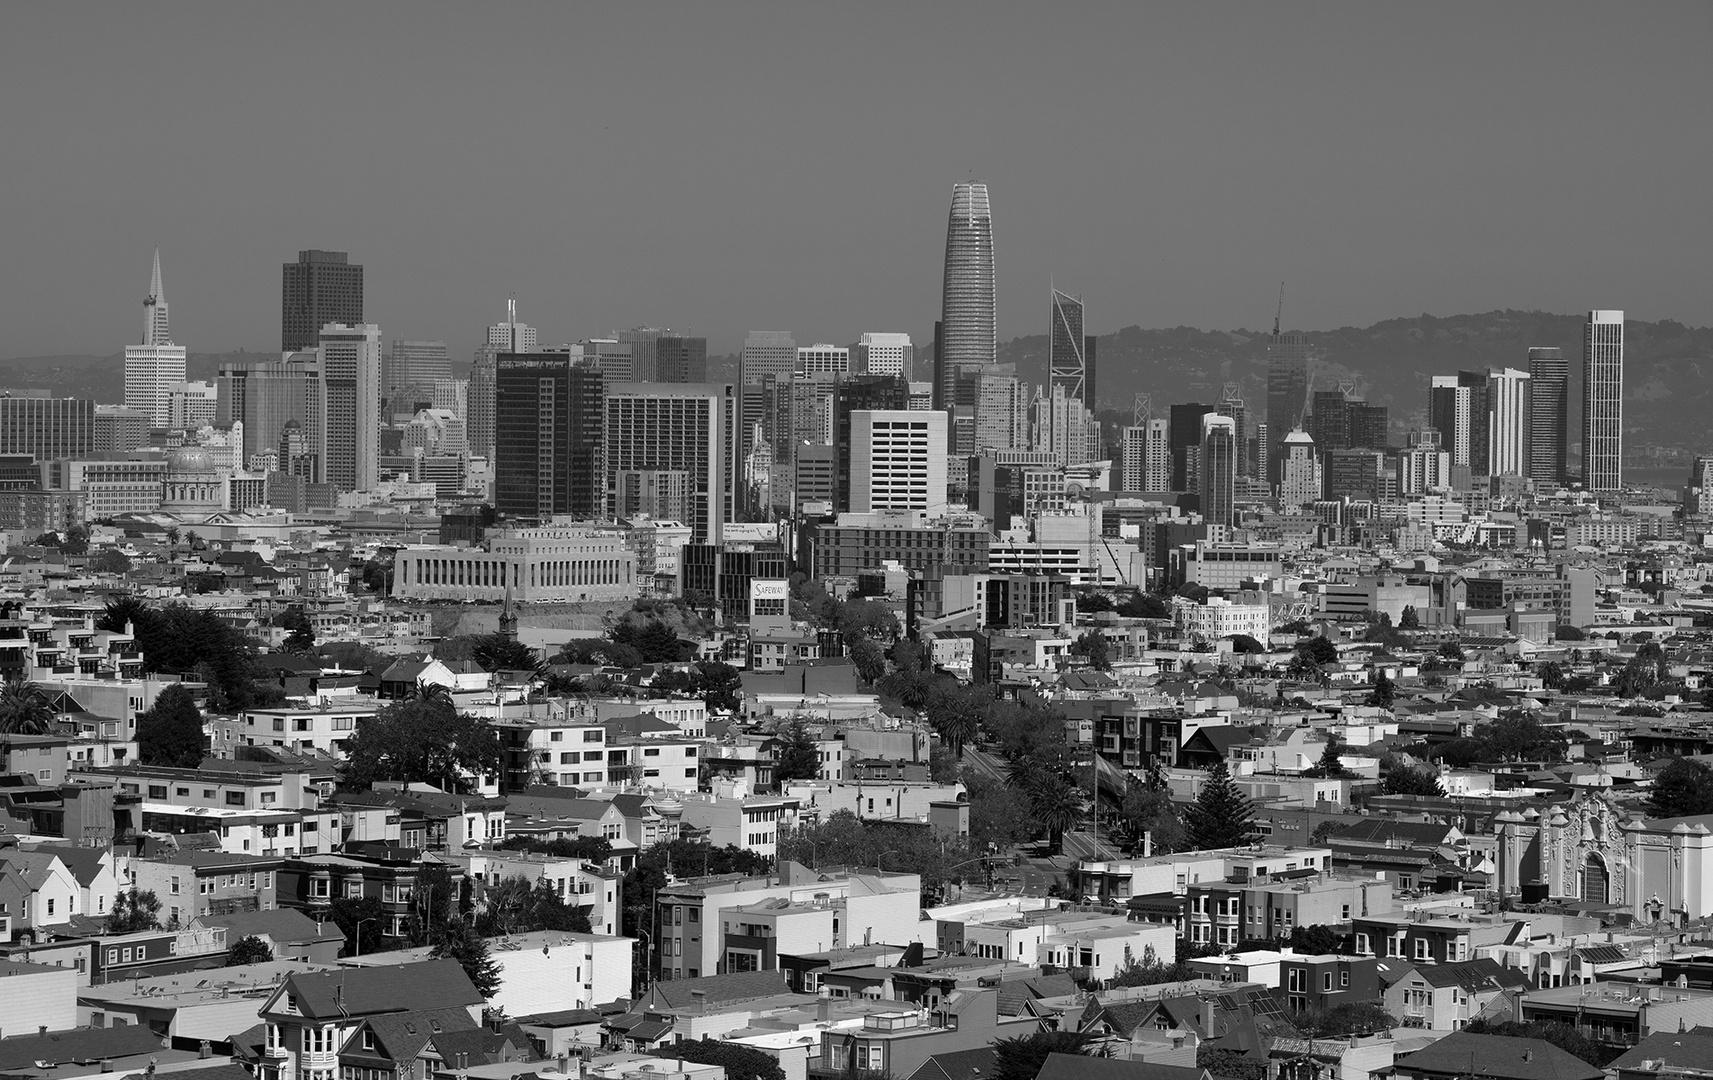 Ein klarer Tag in San Francisco